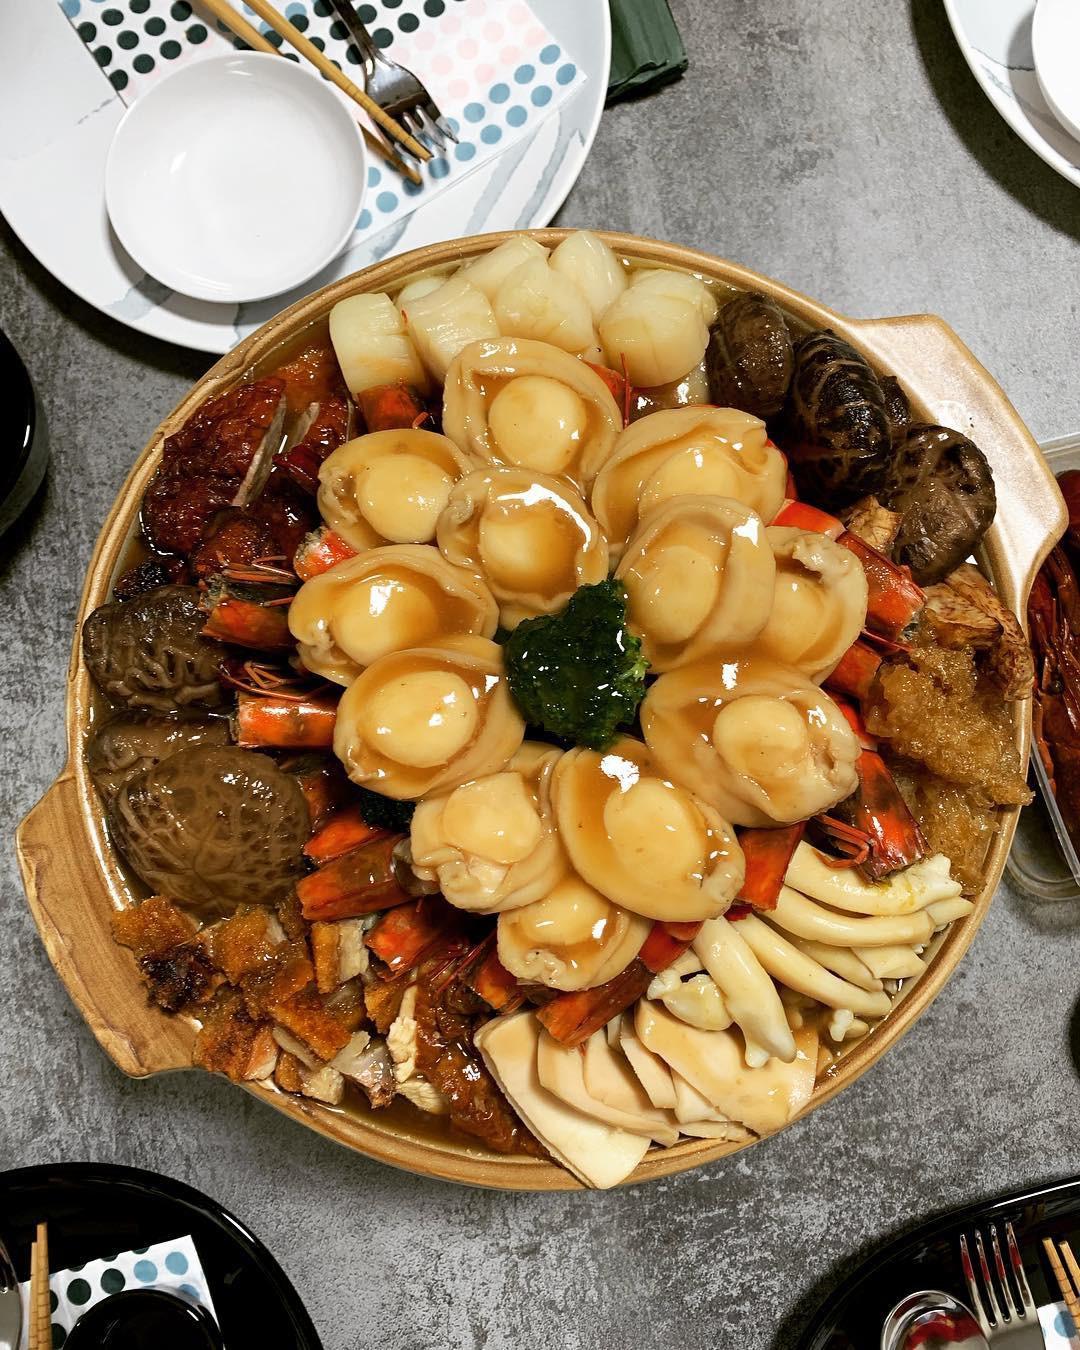 Nằm lòng 7 món ăn vặt siêu hấp dẫn cho team du lịch quét sập Hong Kong - Ảnh 14.